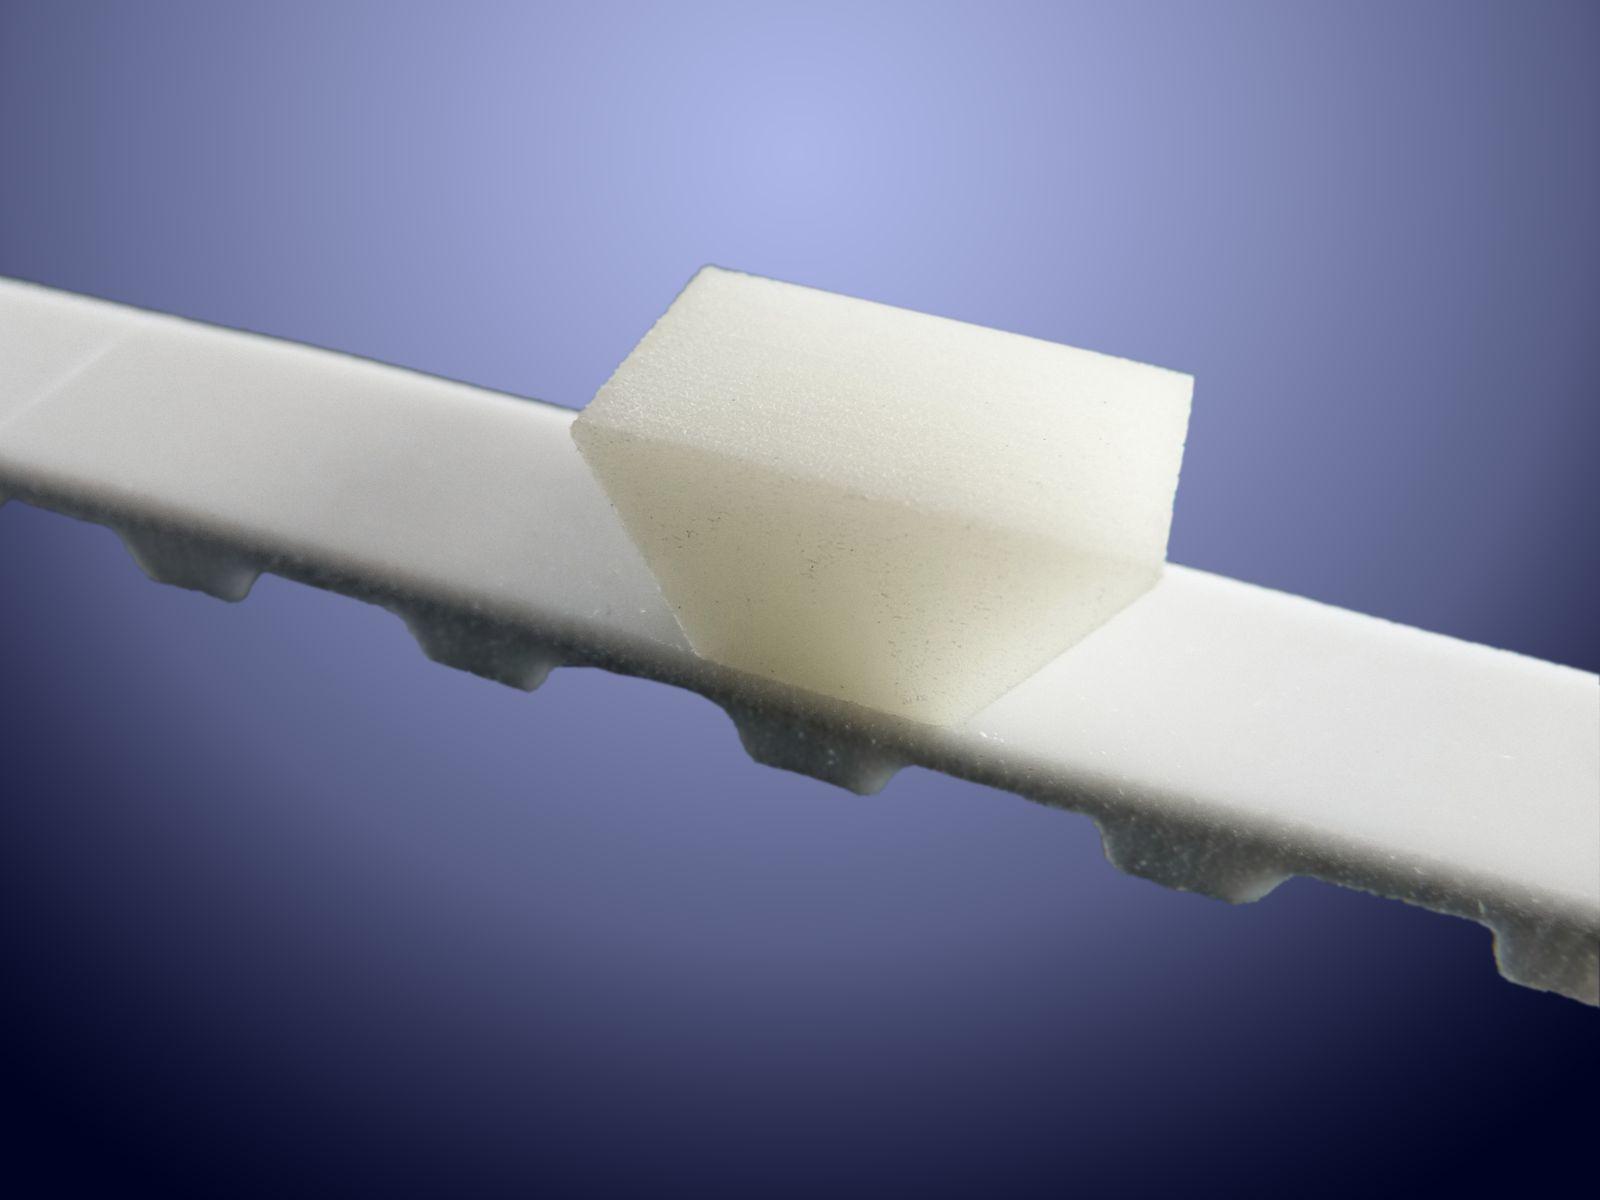 La geometria a coda di rondine permette di inserire per interferenza tasselli più leggeri